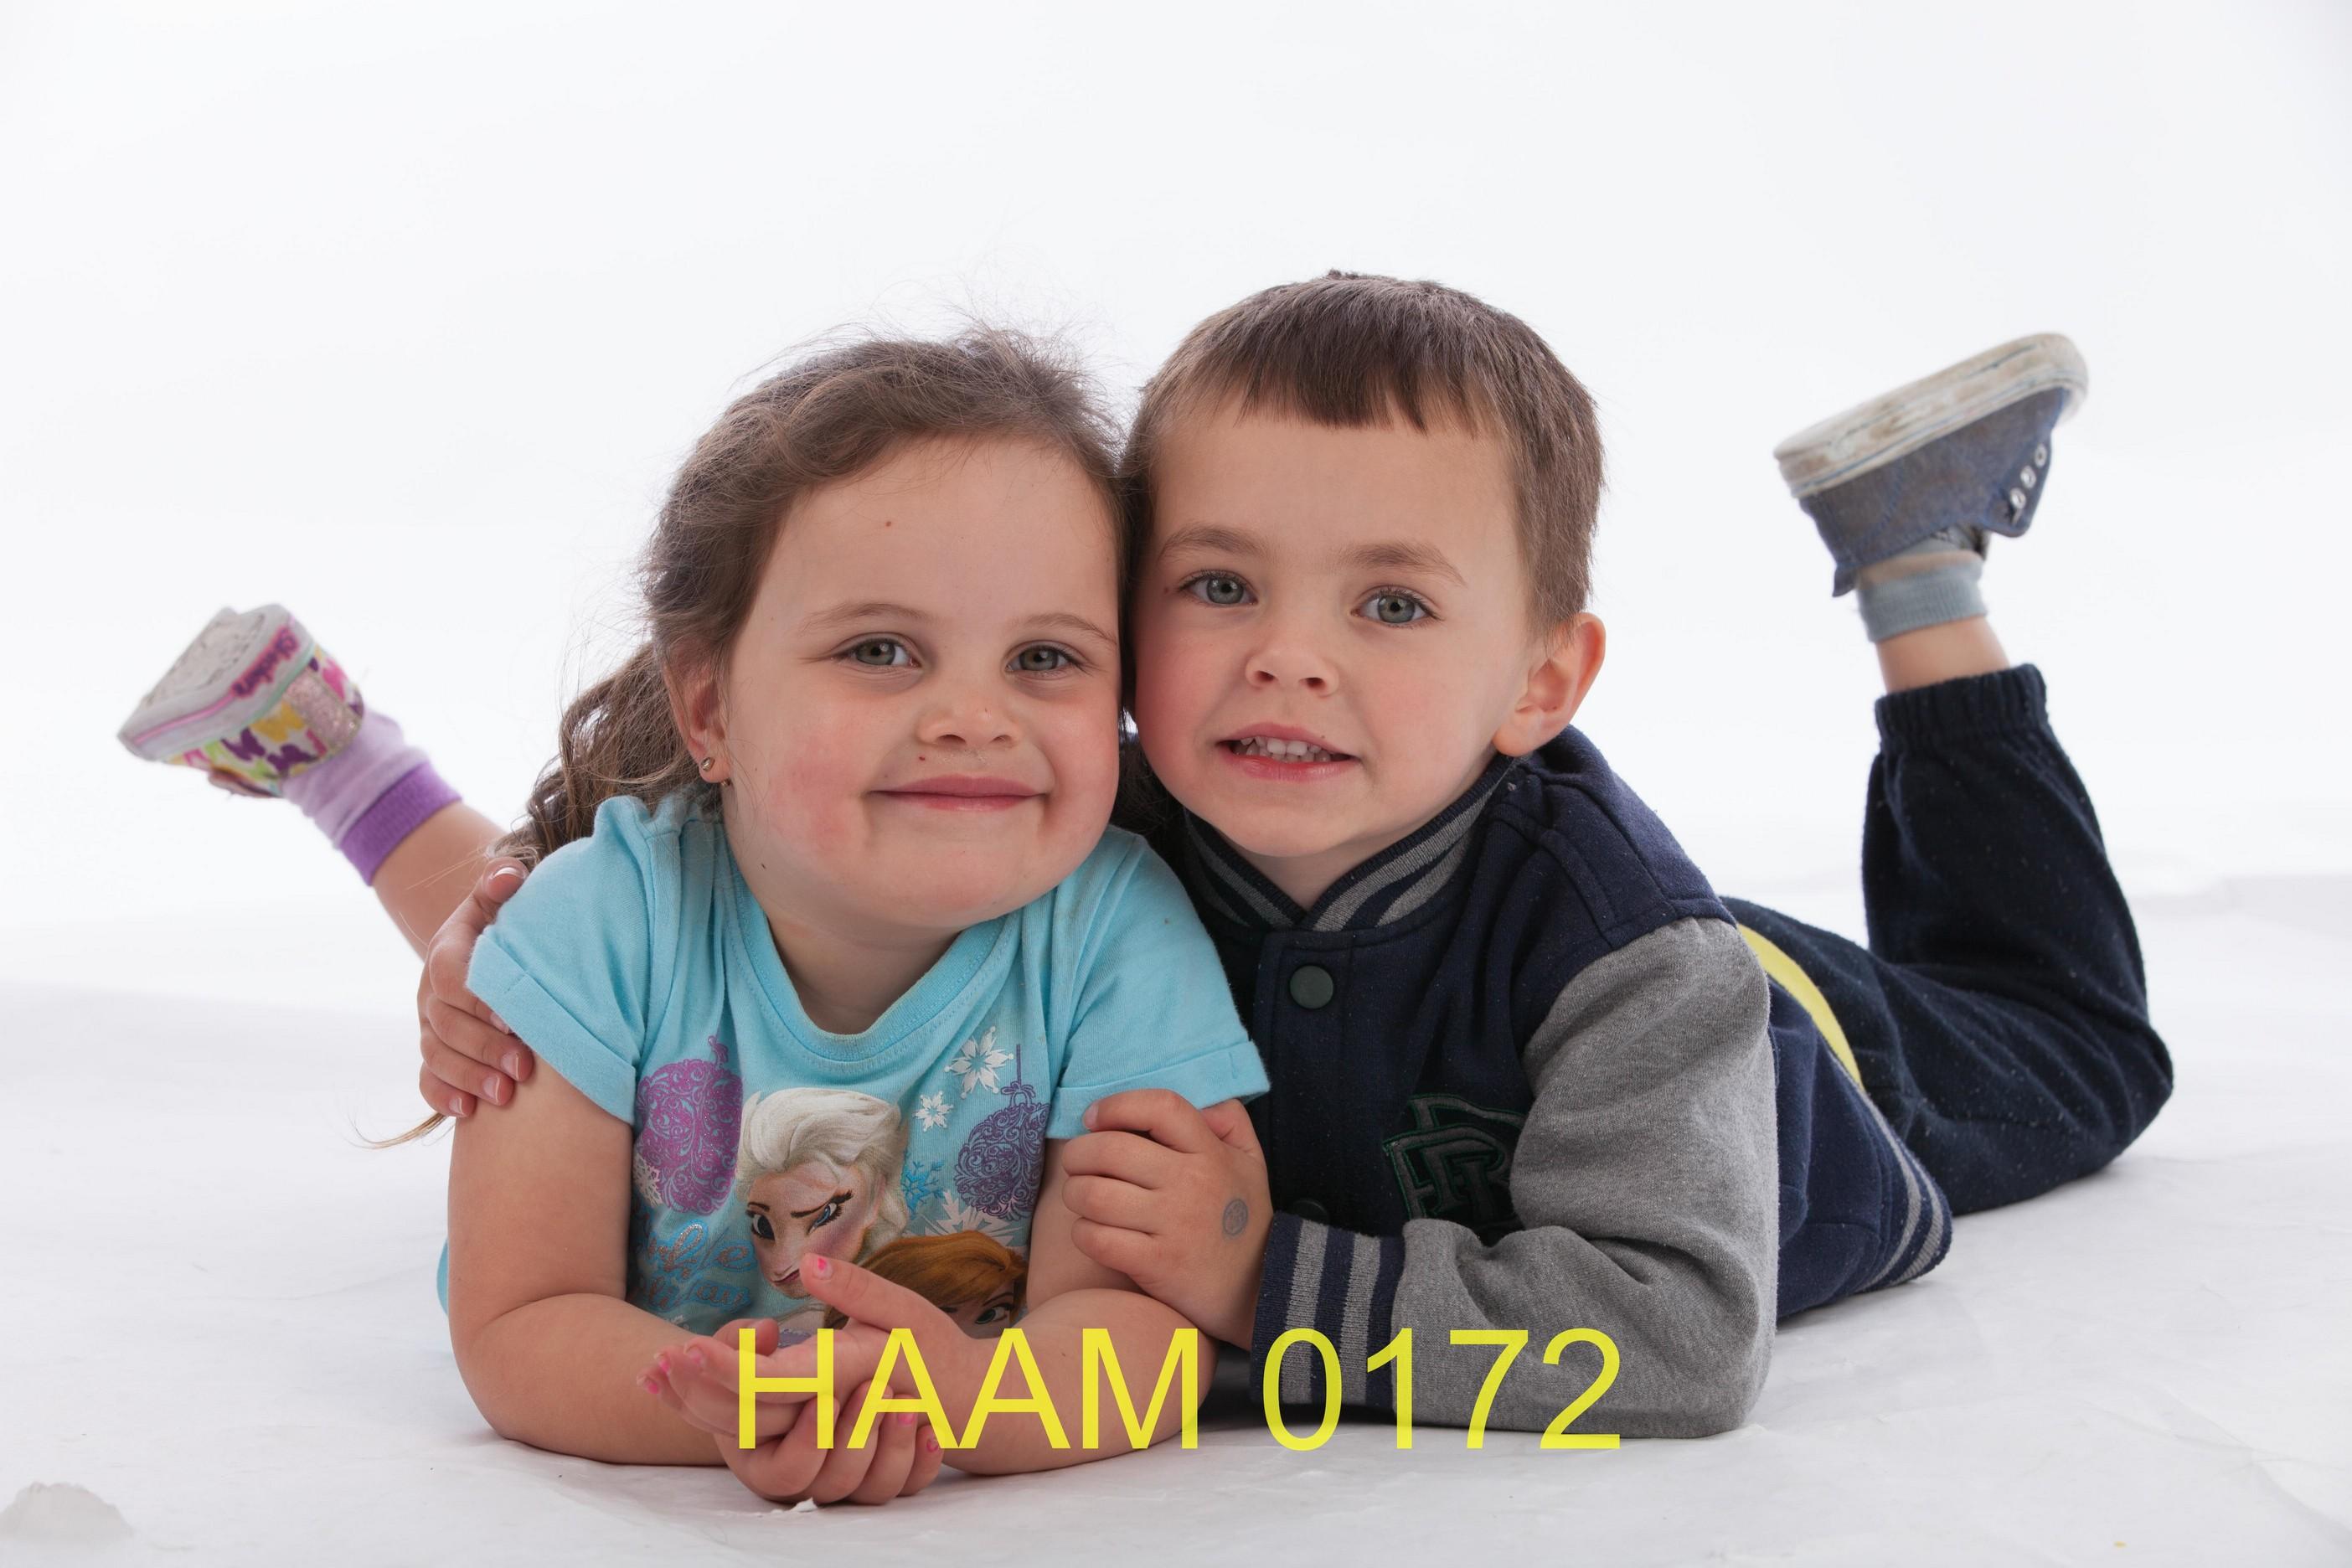 HAAM 0172